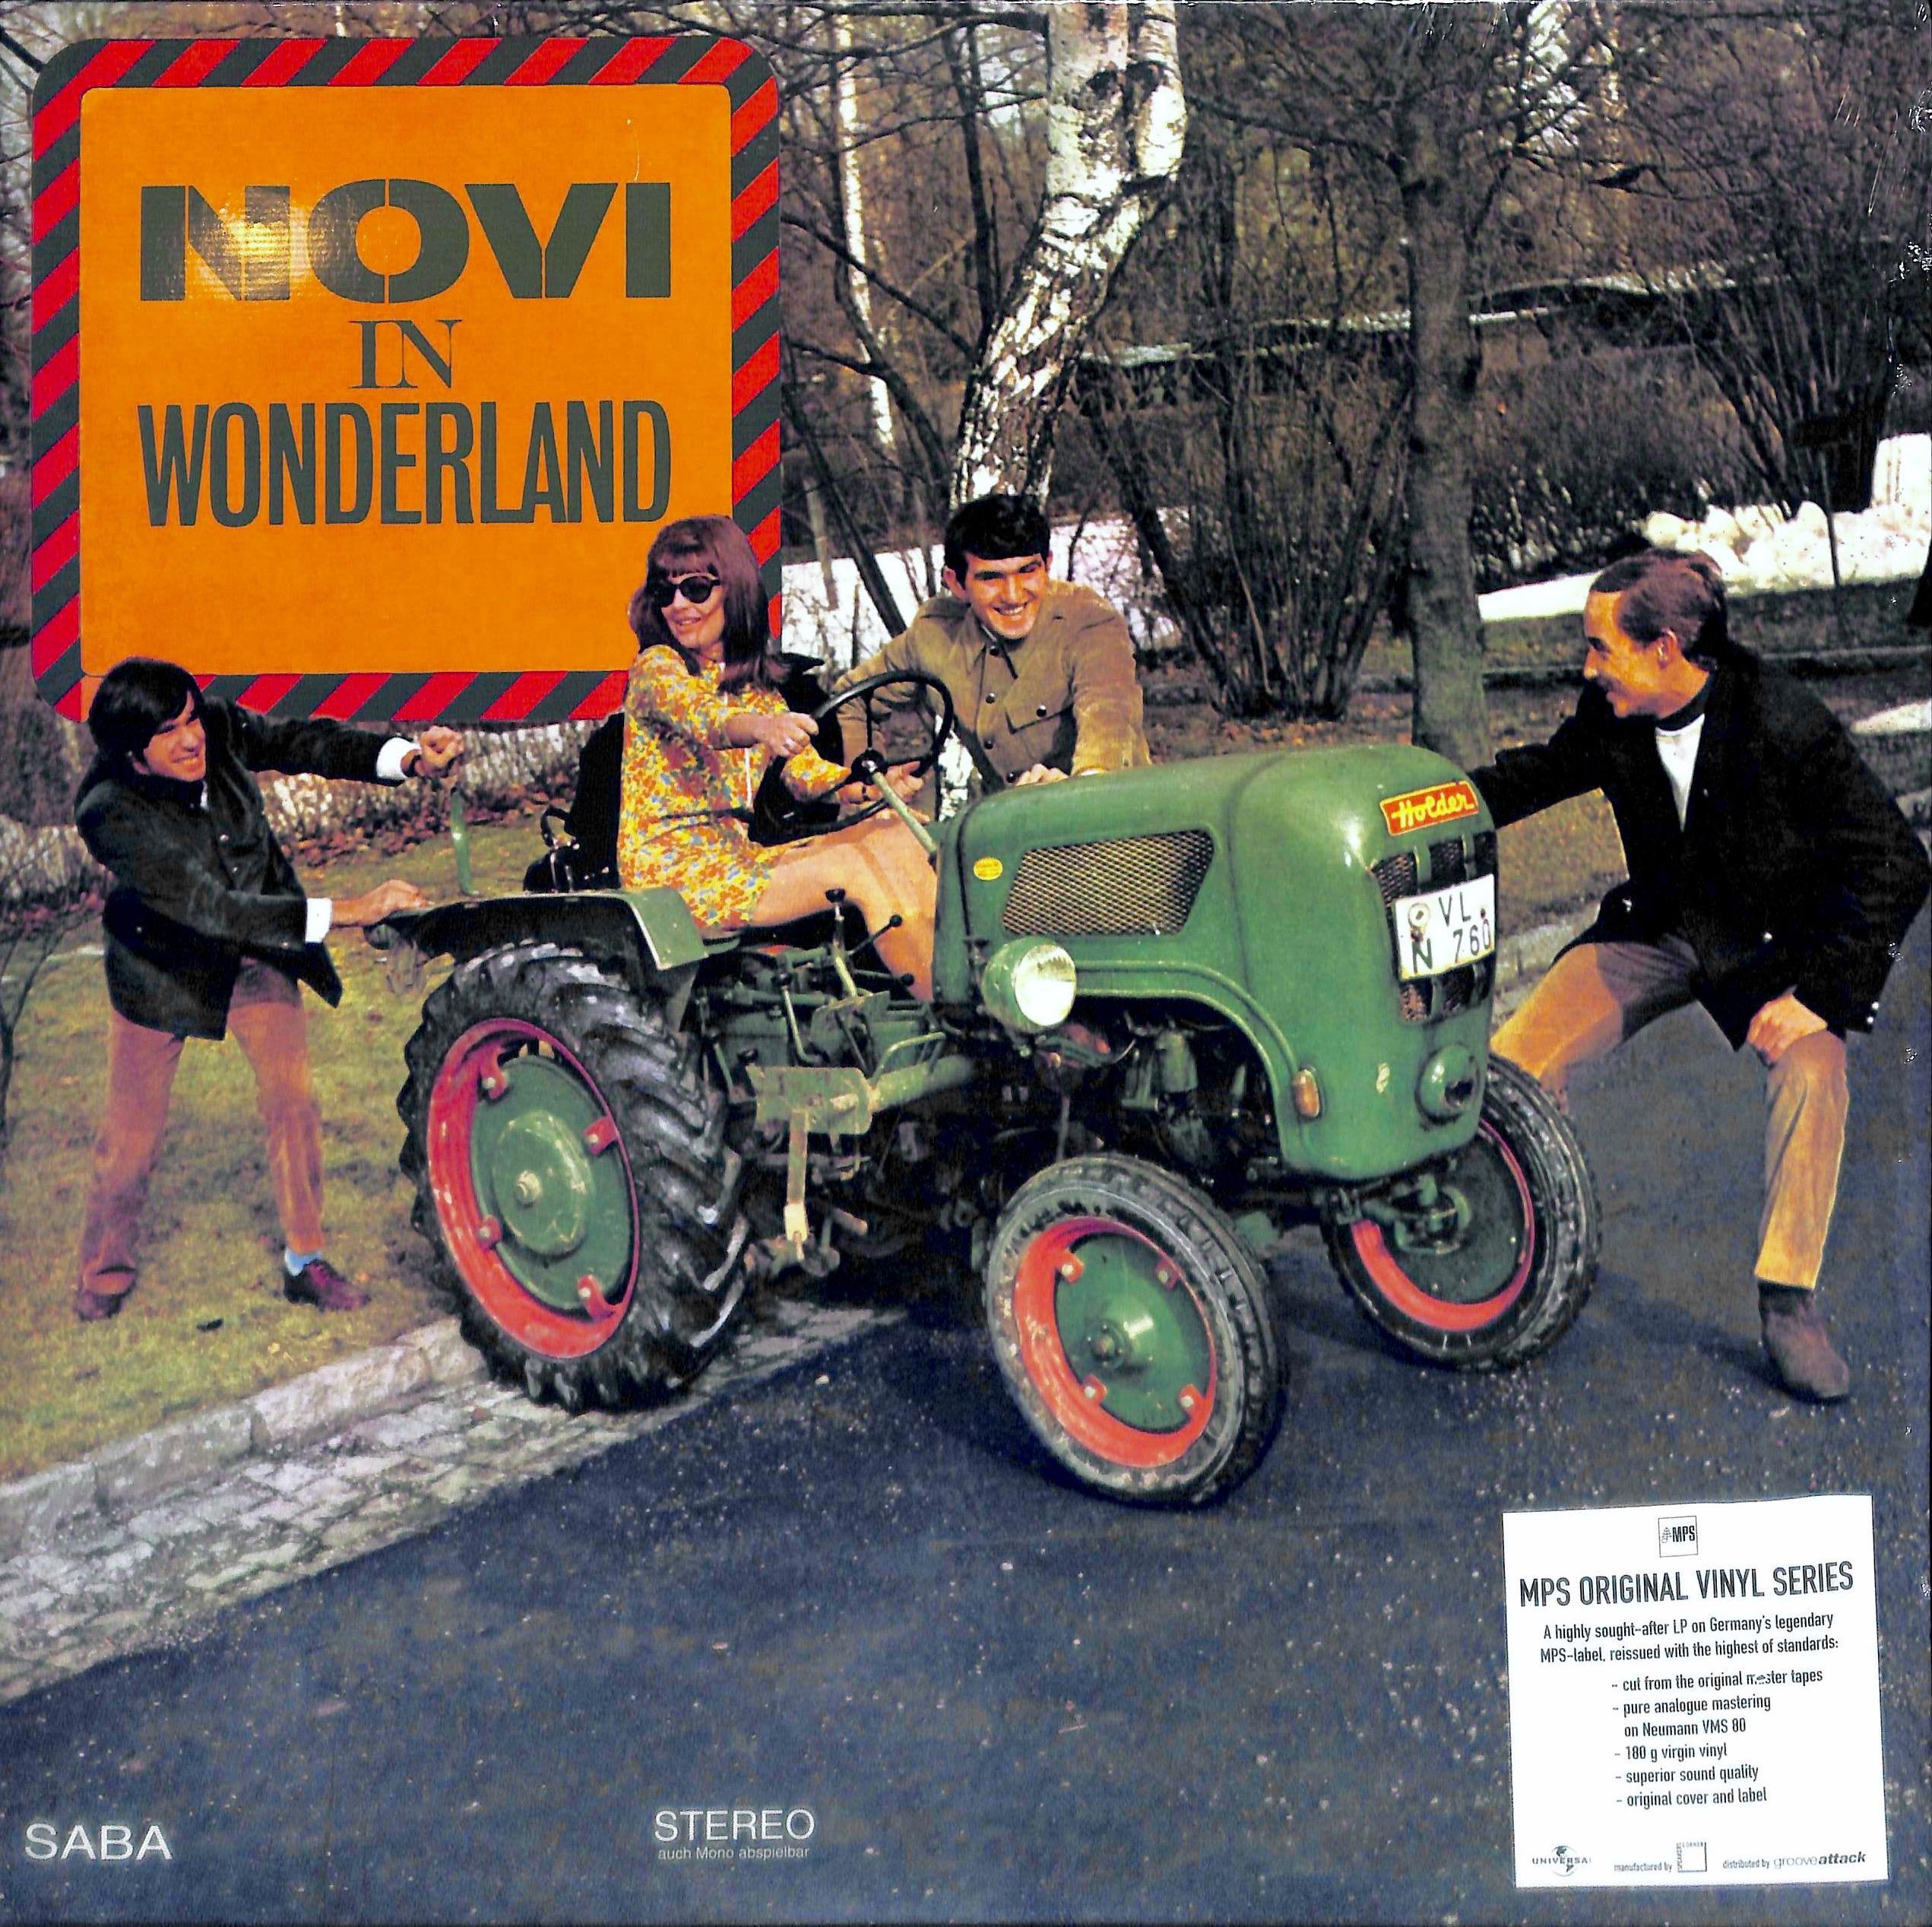 10 More Motorised Album Covers